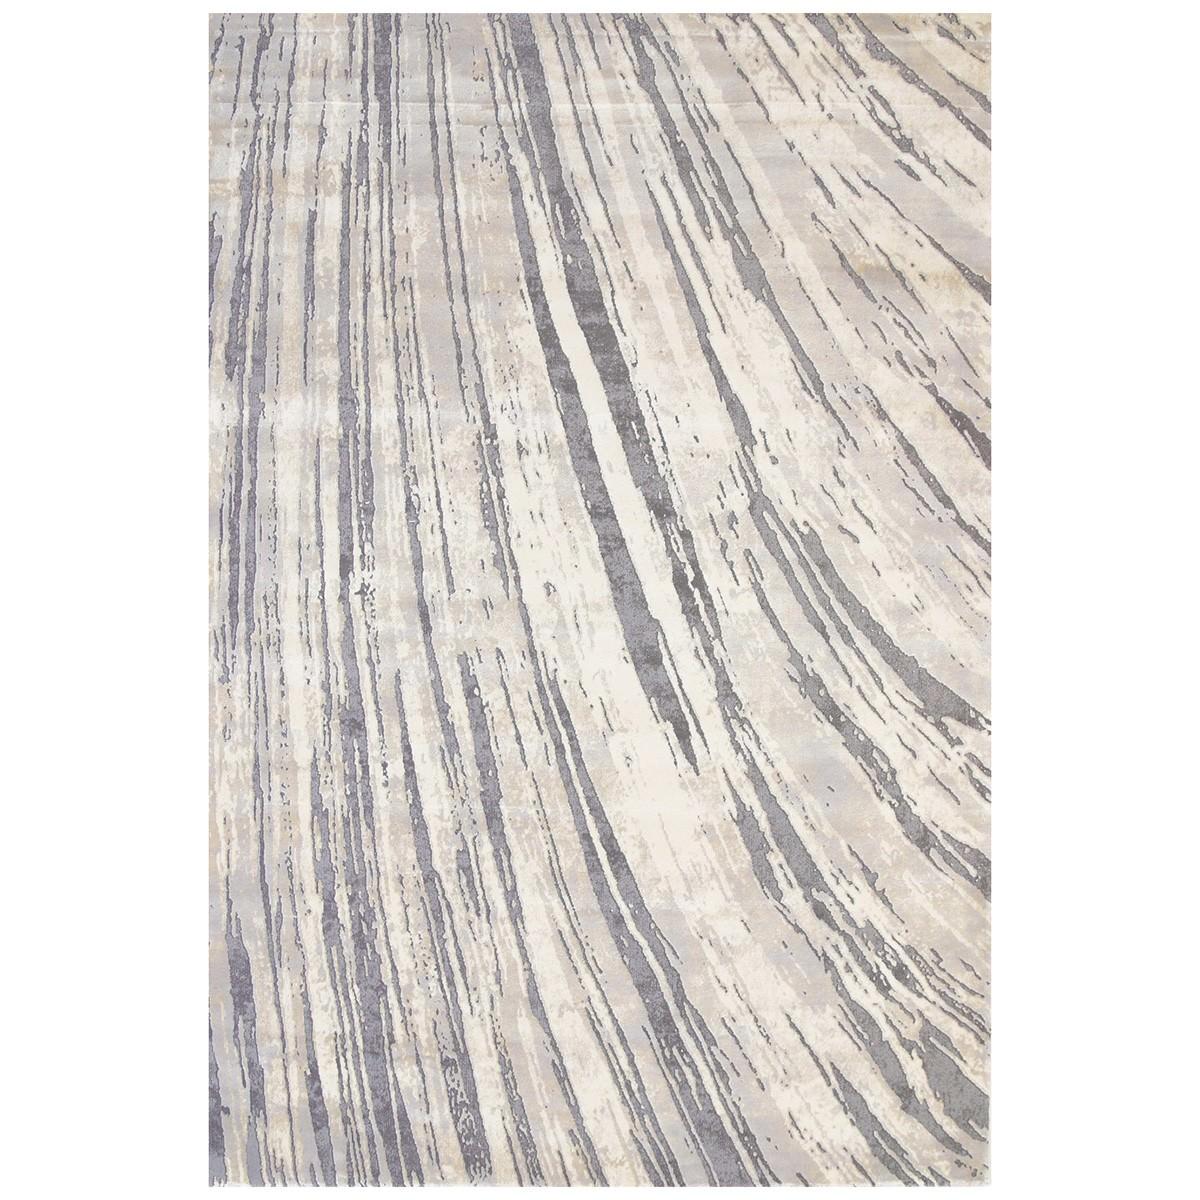 Alyssum Swirl Textured Modern Rug, 240x330cm